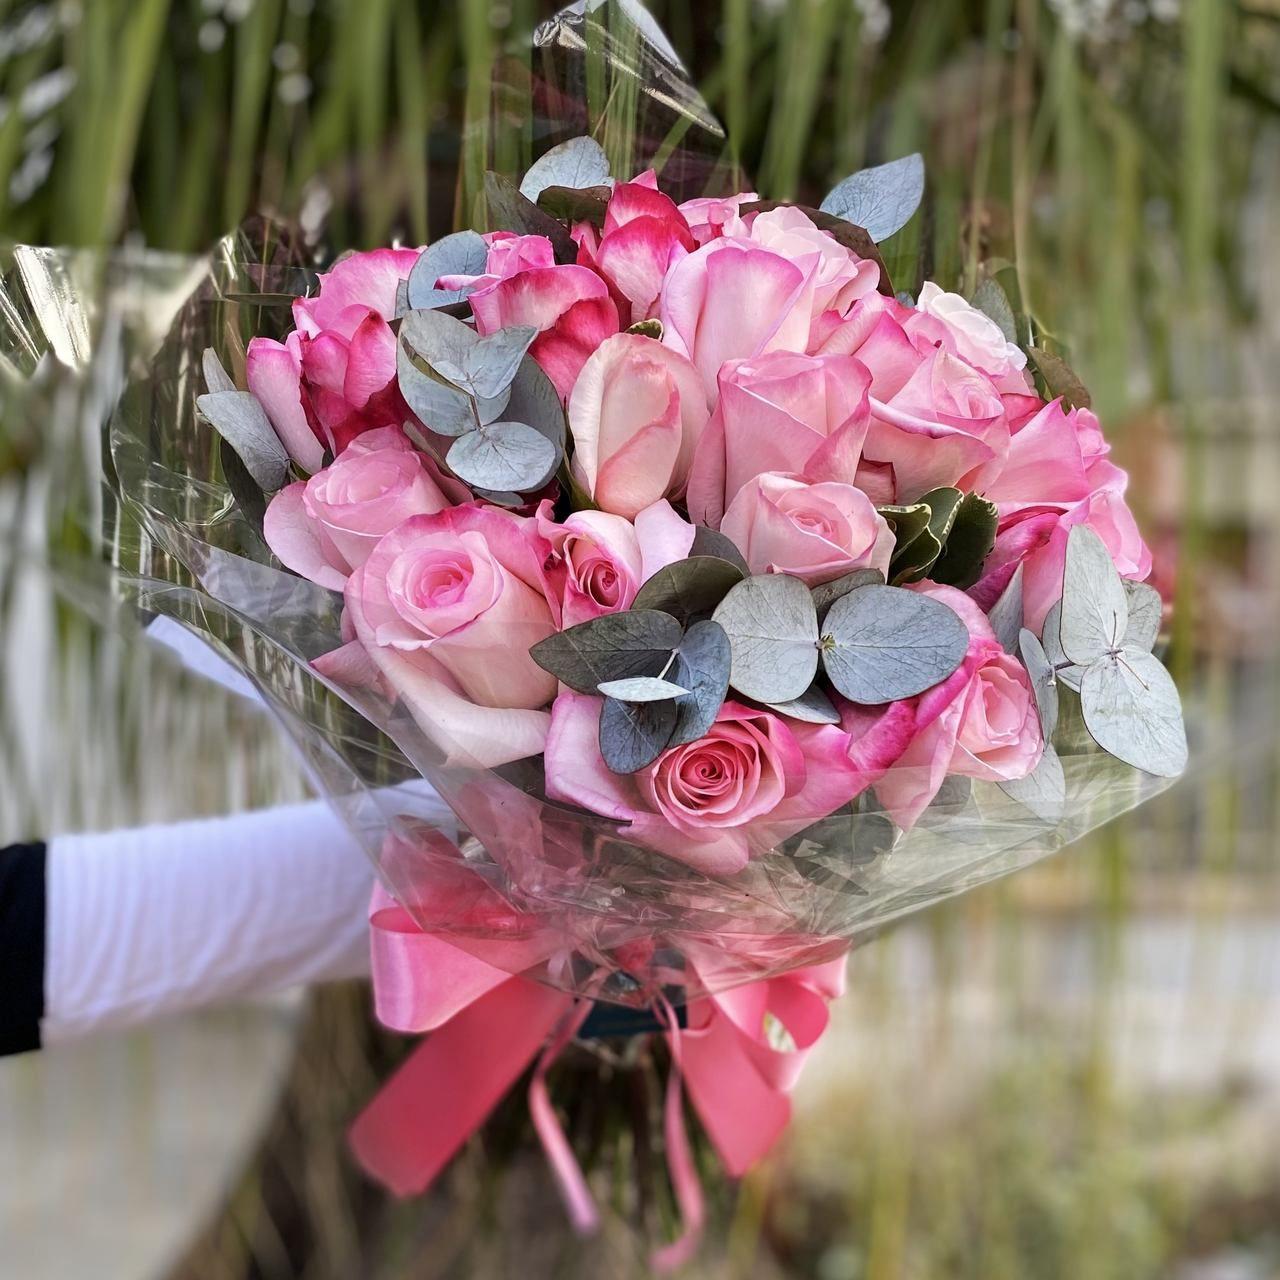 Buquê de 20 rosas cor de rosa